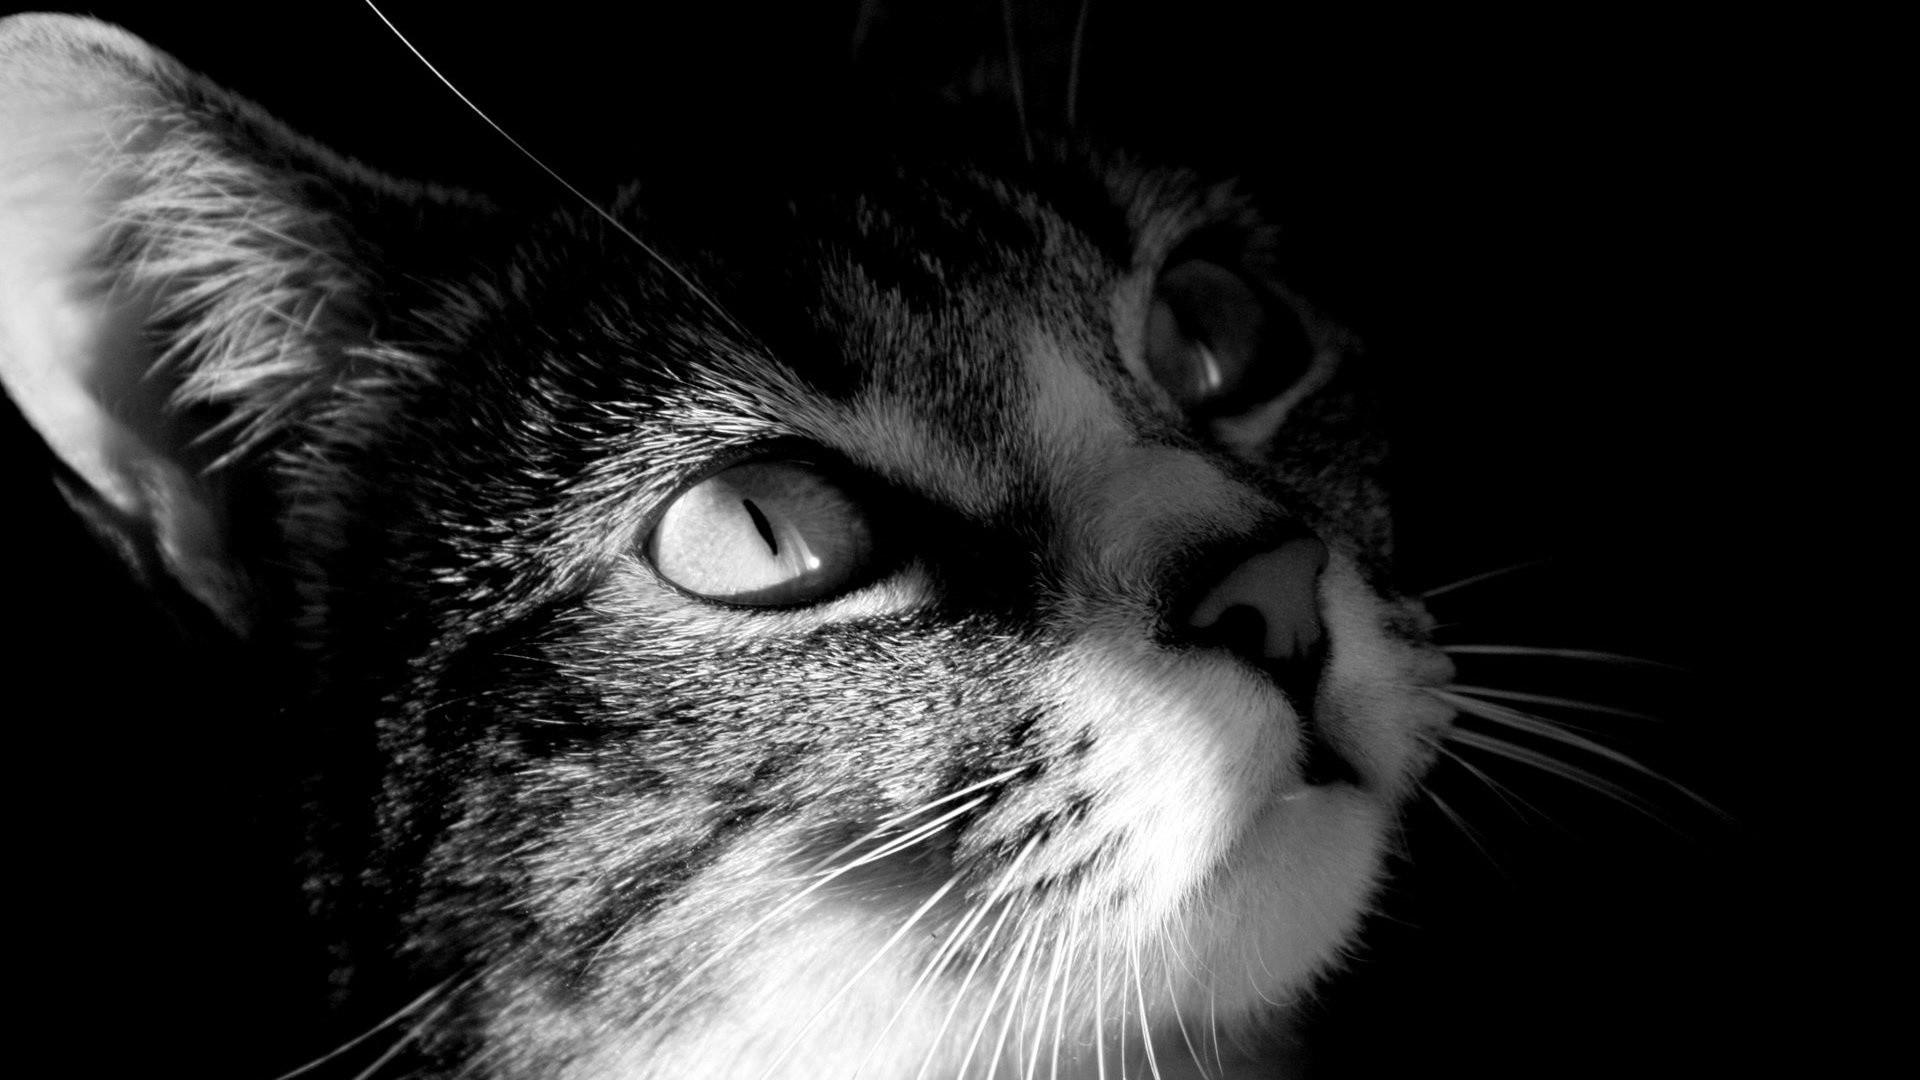 Res: 1920x1080, Cat Wallpaper 4